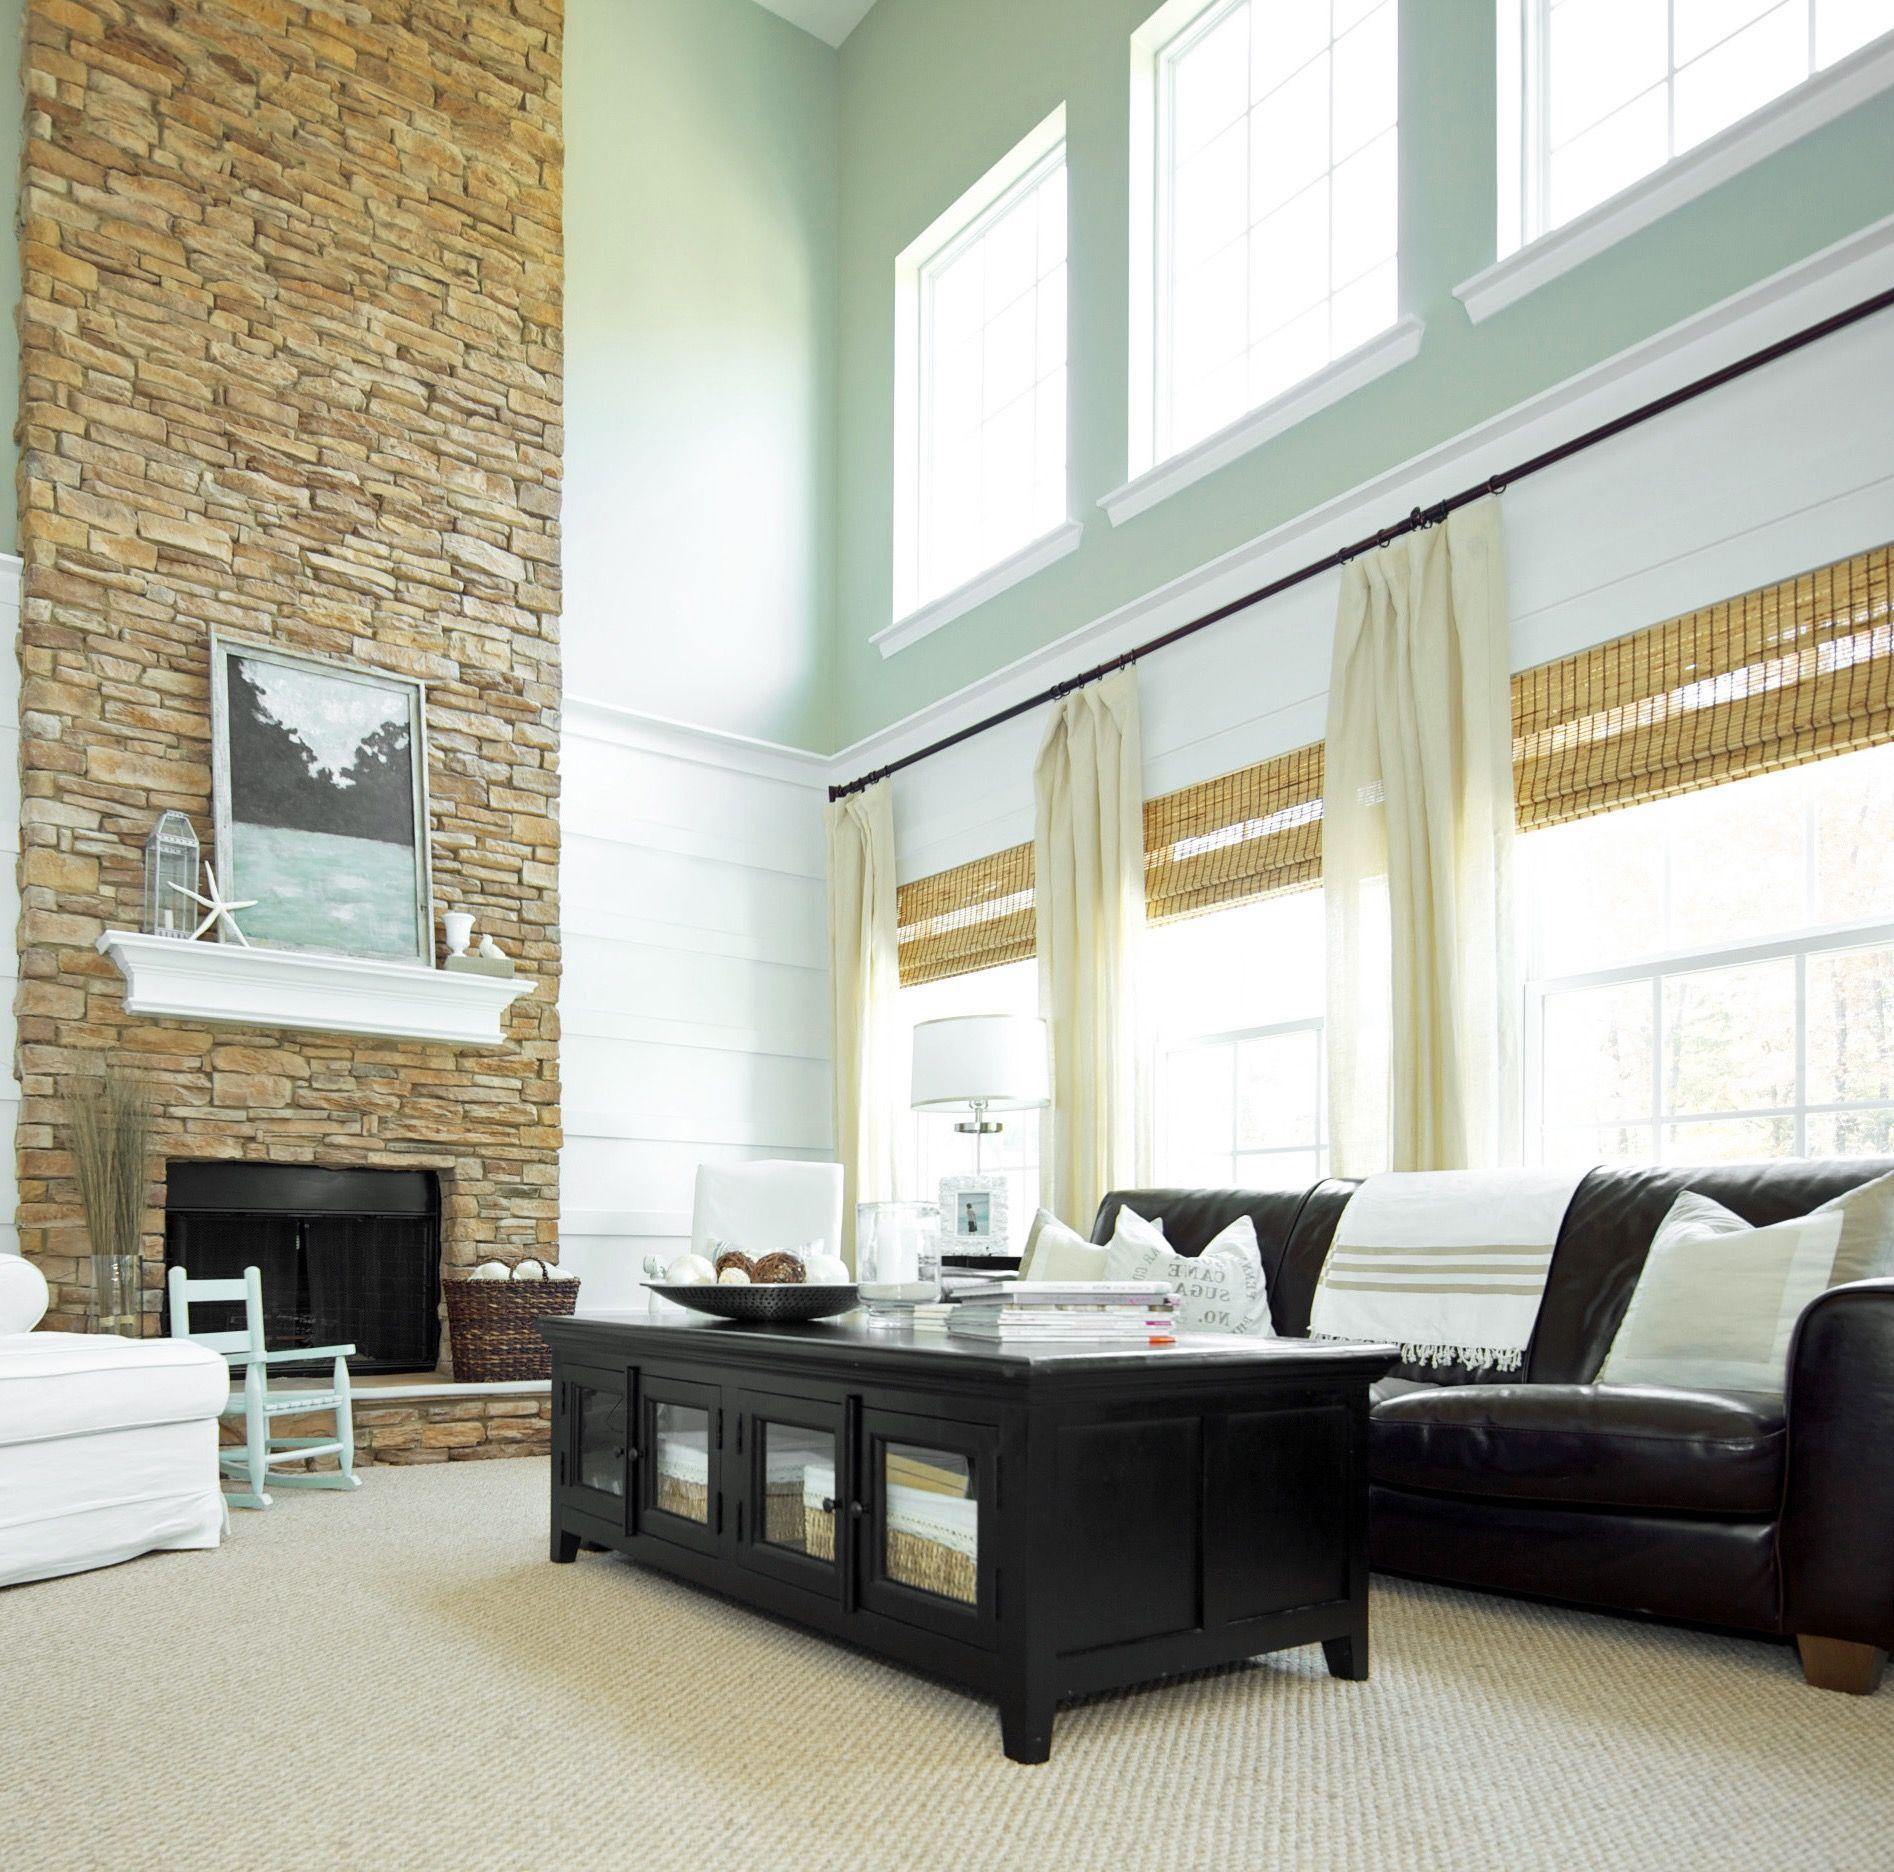 30 Wunderschöne Ideen für die Wohnzimmer Wand Dekor #Wohnzimmer ...